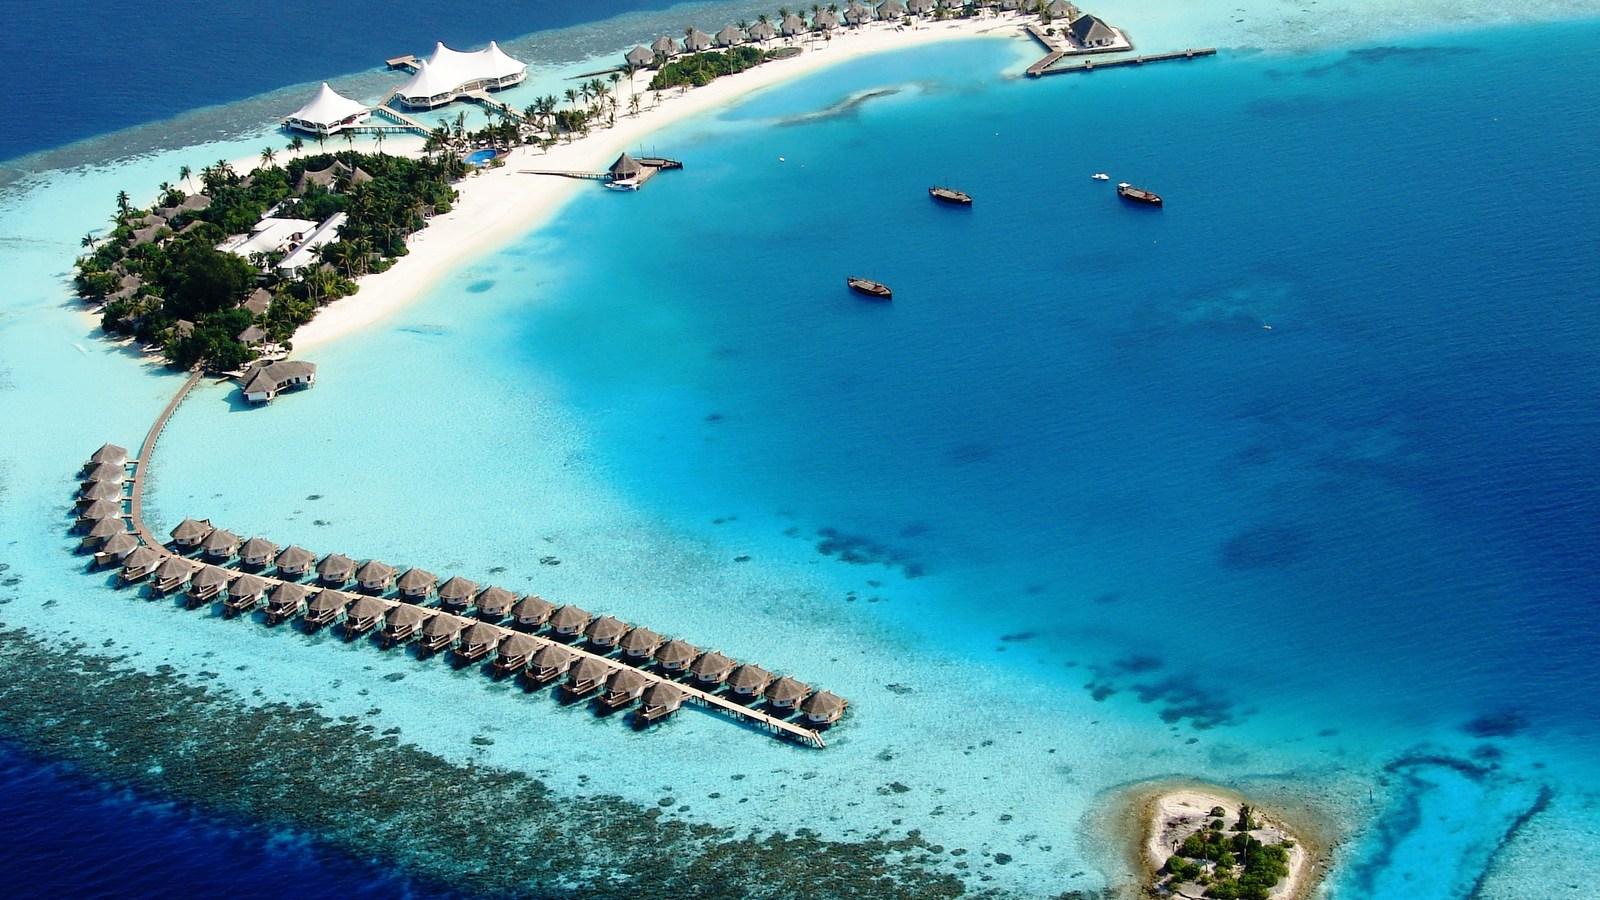 Мальдивы, отель Safari Island Resort & Spa